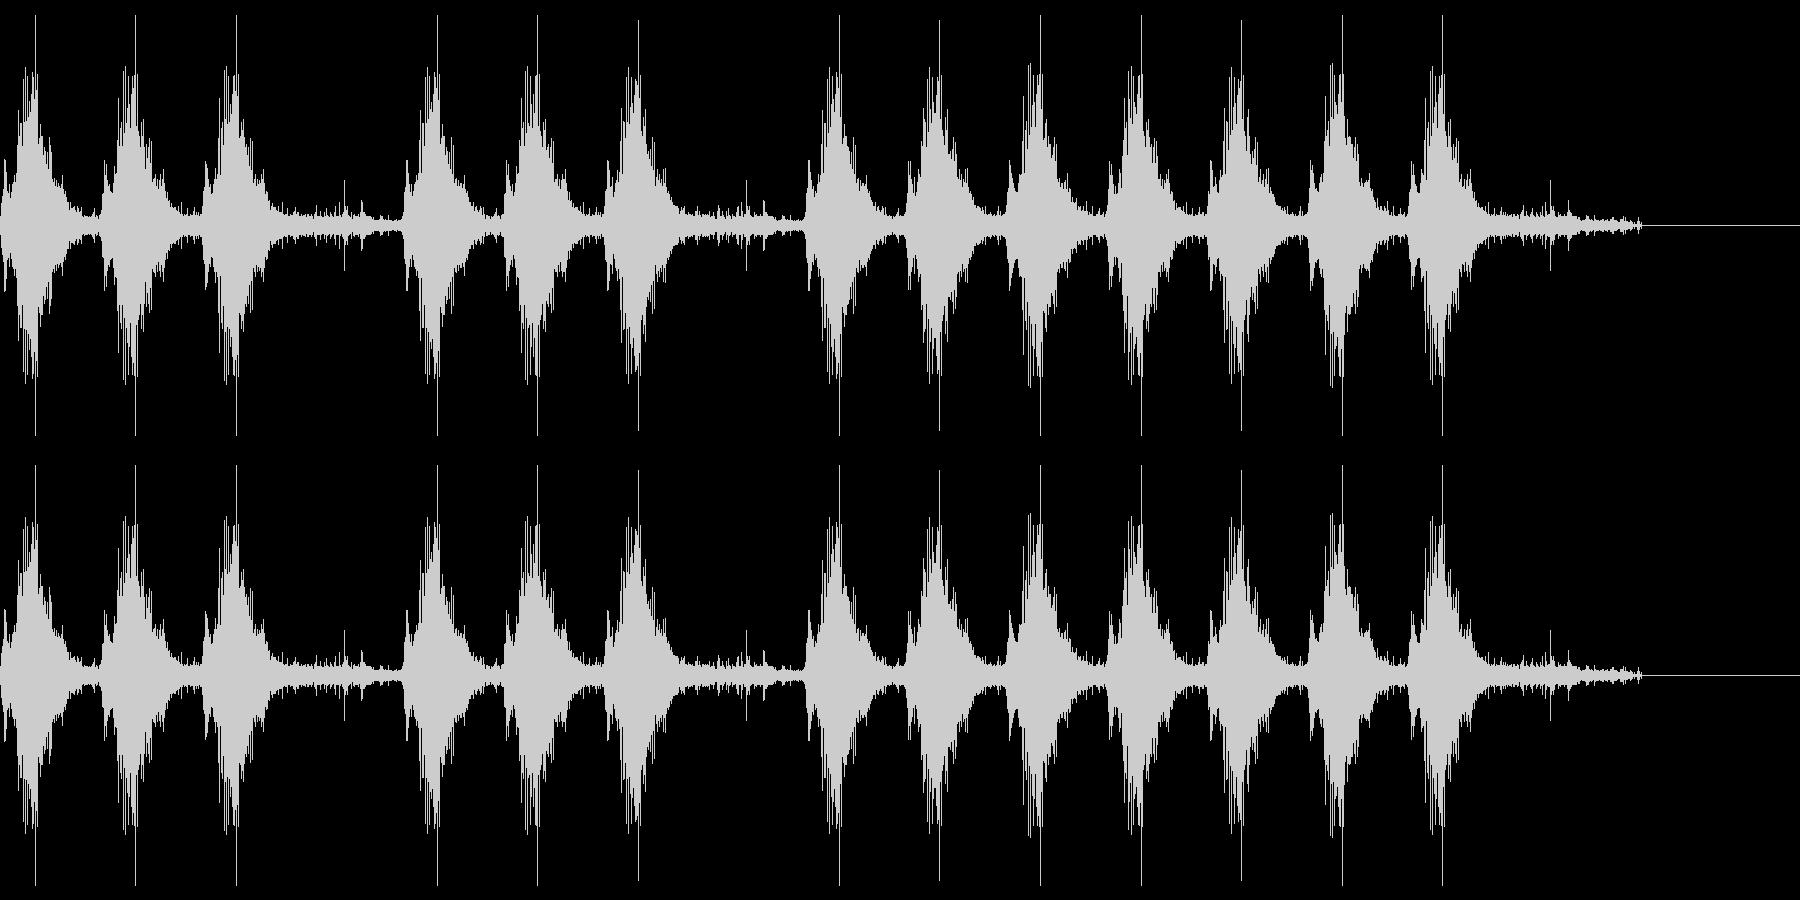 三三七拍子 その10の未再生の波形